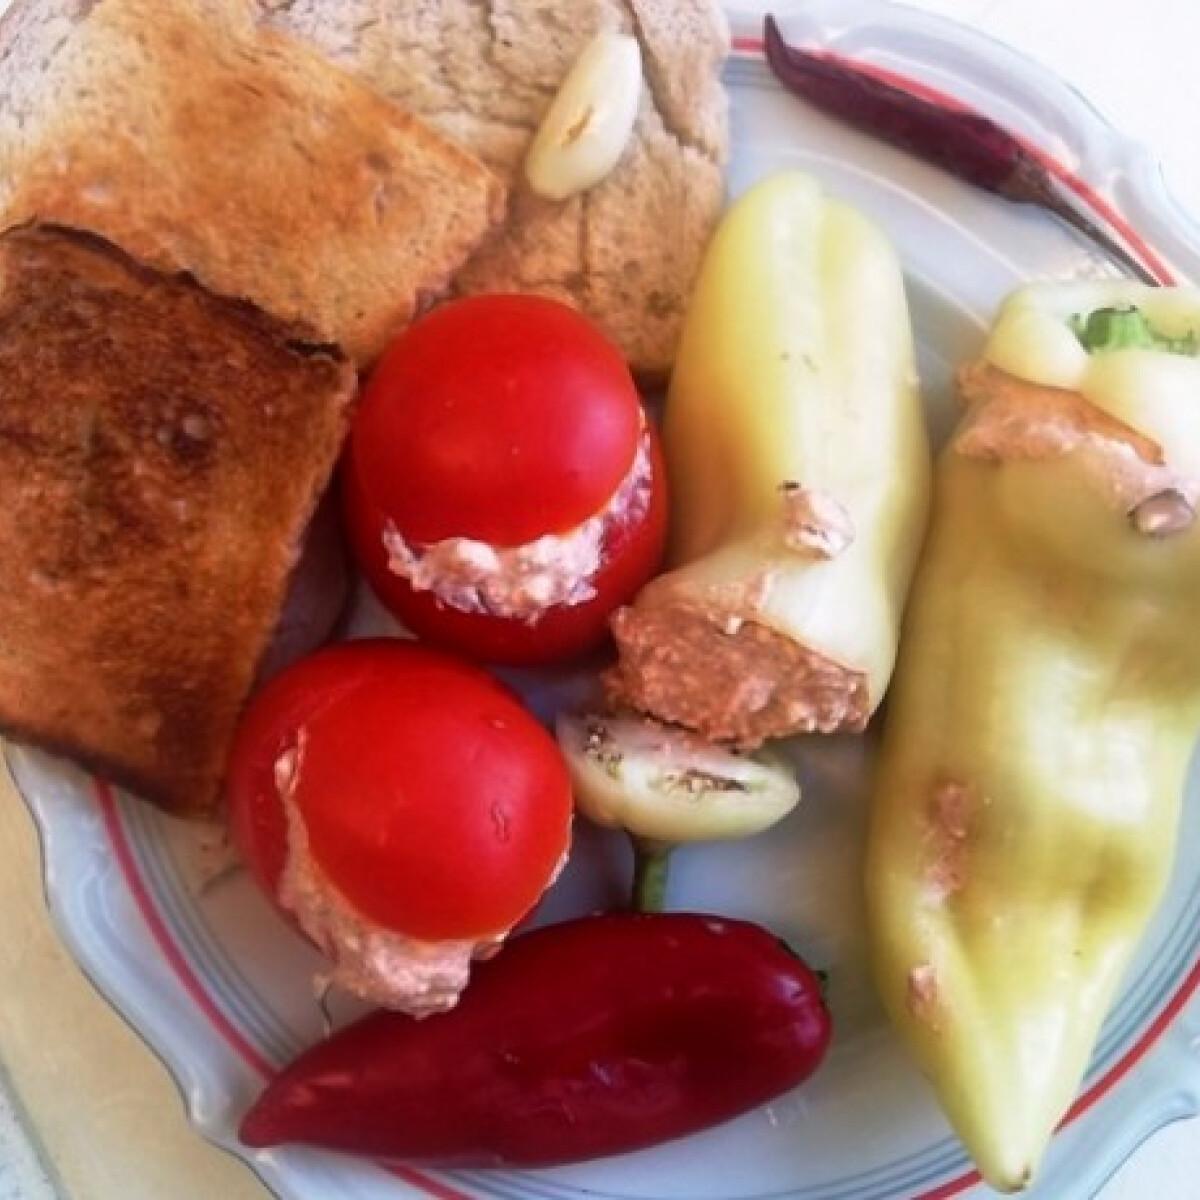 Ezen a képen: Túrókrémmel töltött paprika és paradicsom pirítóssal